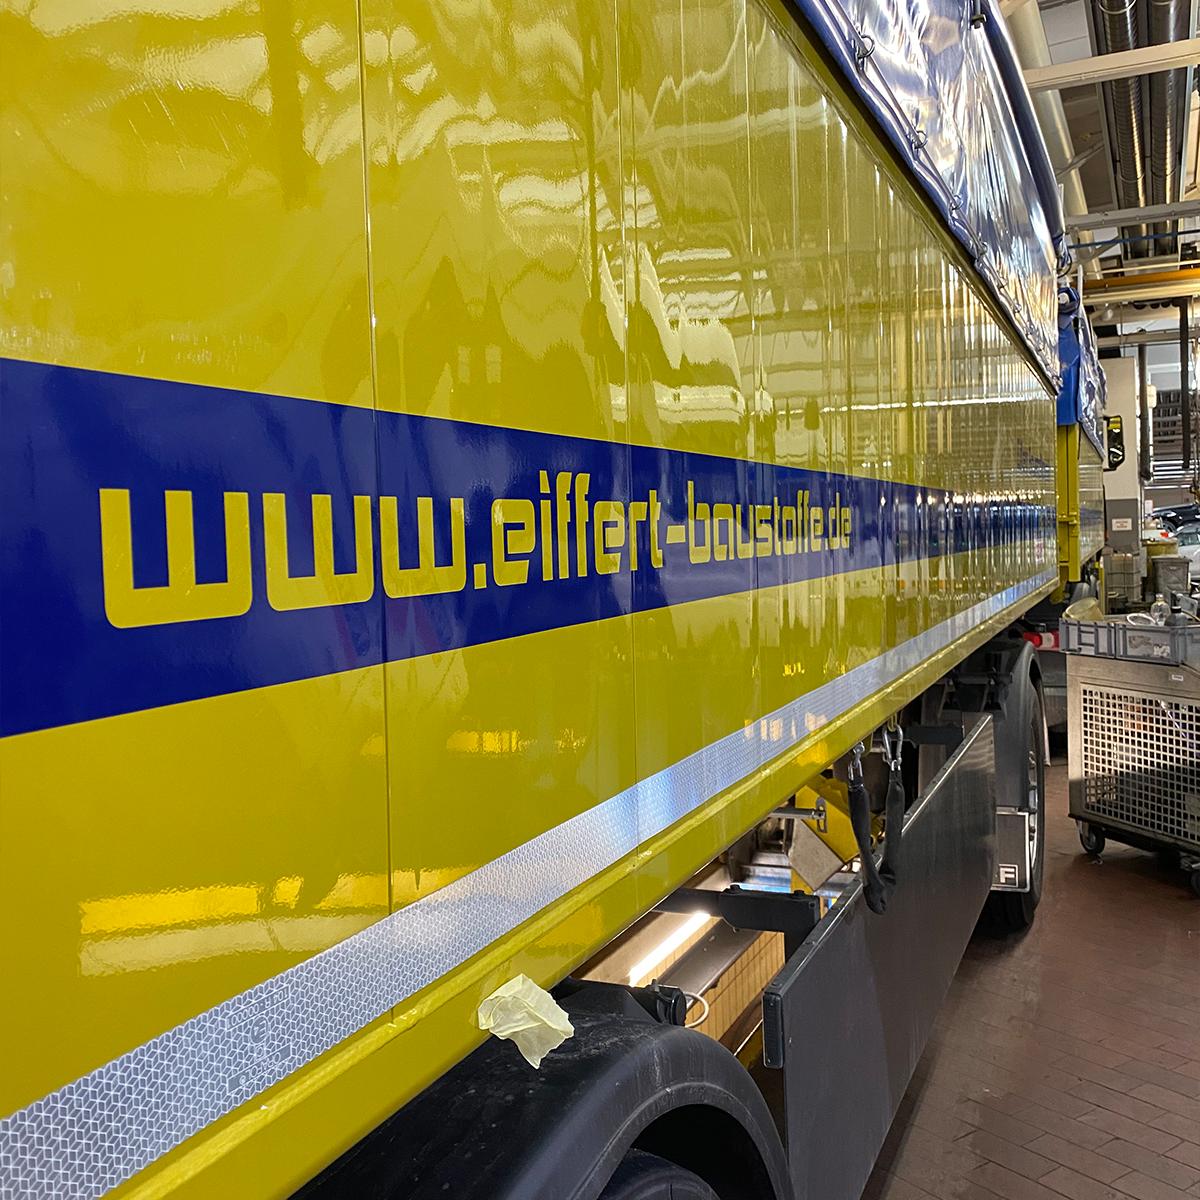 LKW Beschriftung Eiffert Baustoffe